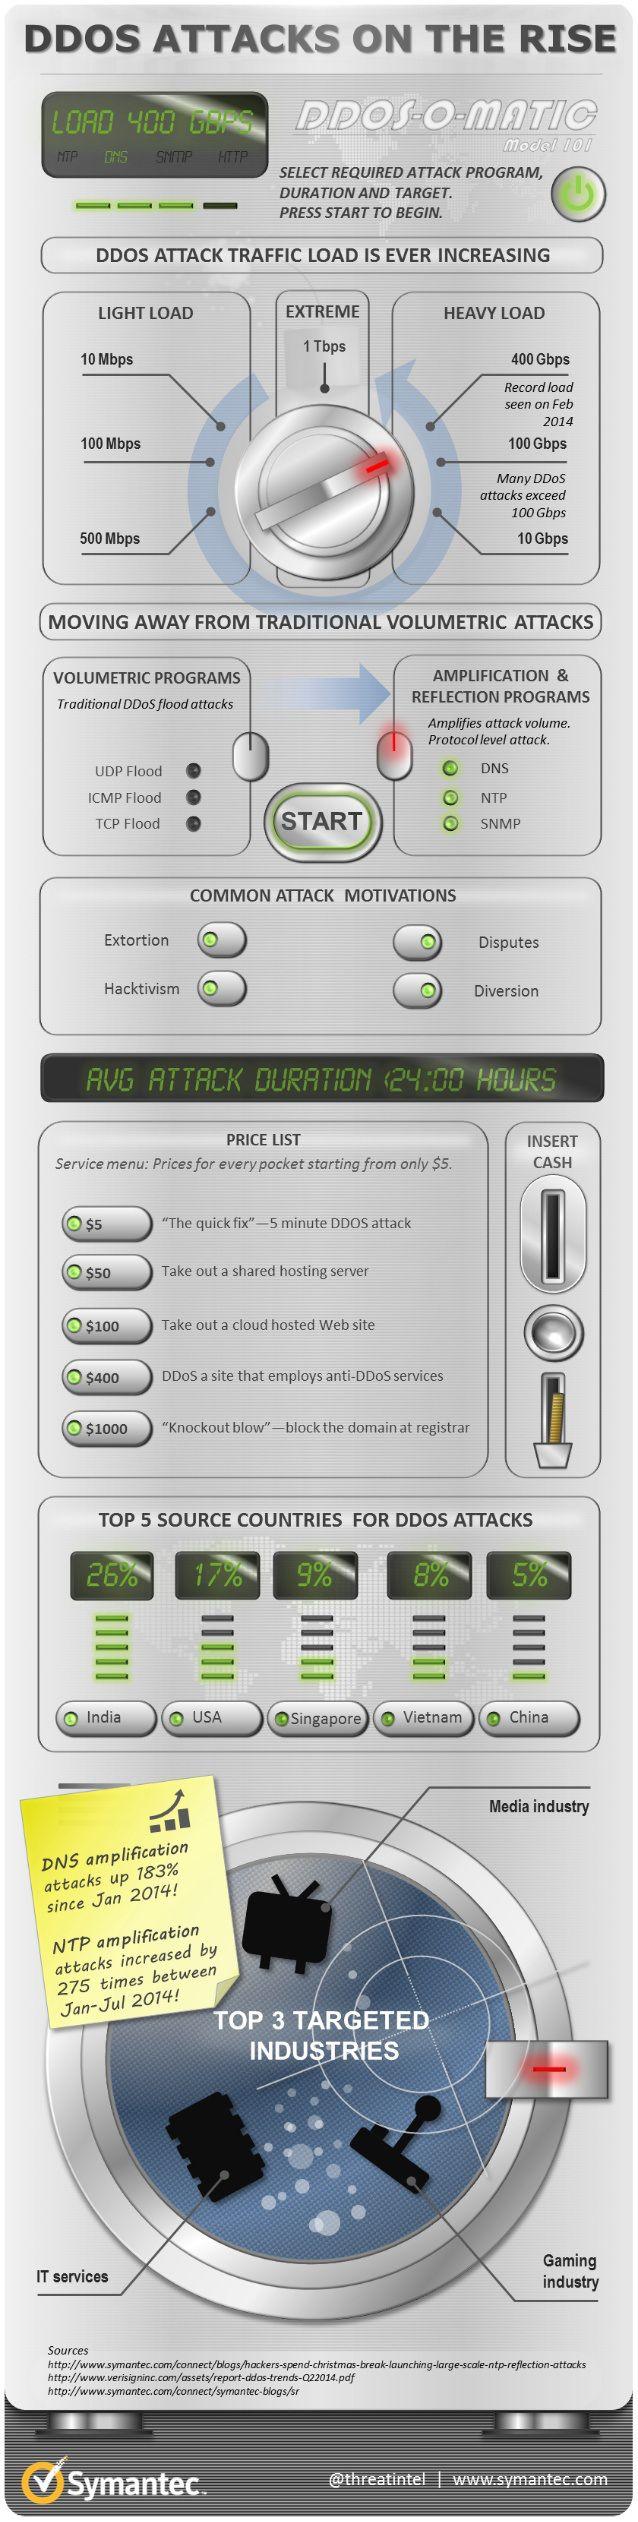 infografía que nos dice que aumentan los ataques DDO